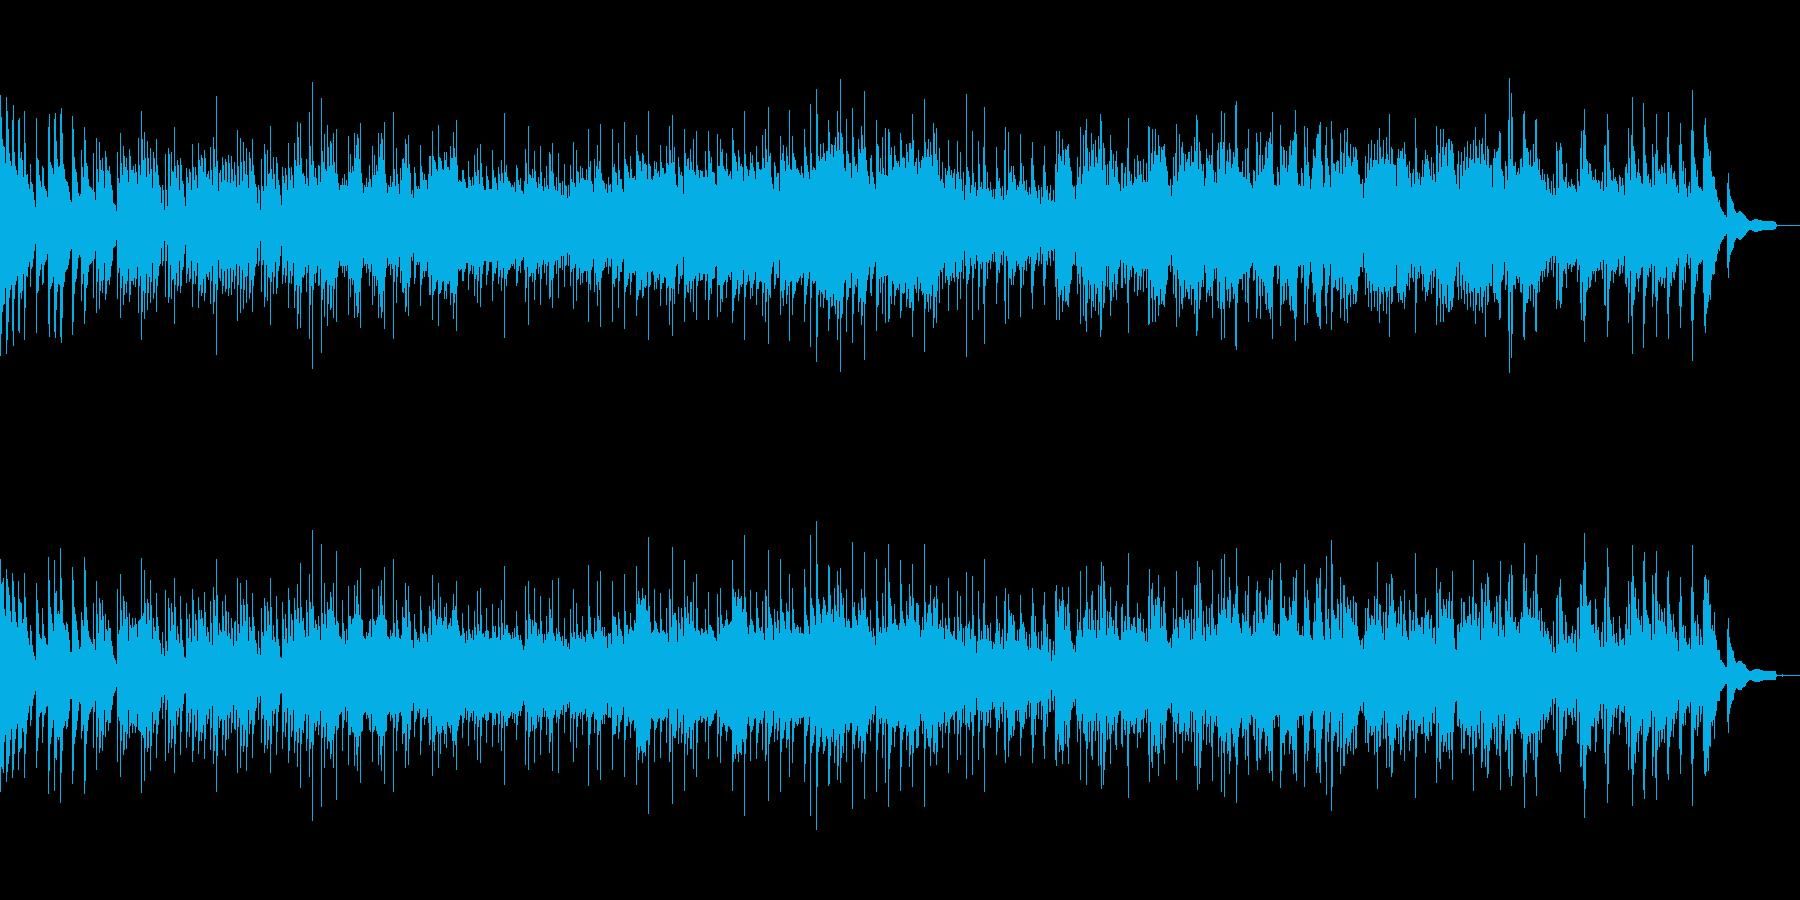 高音質♪第九ベートーベンの琴曲の再生済みの波形